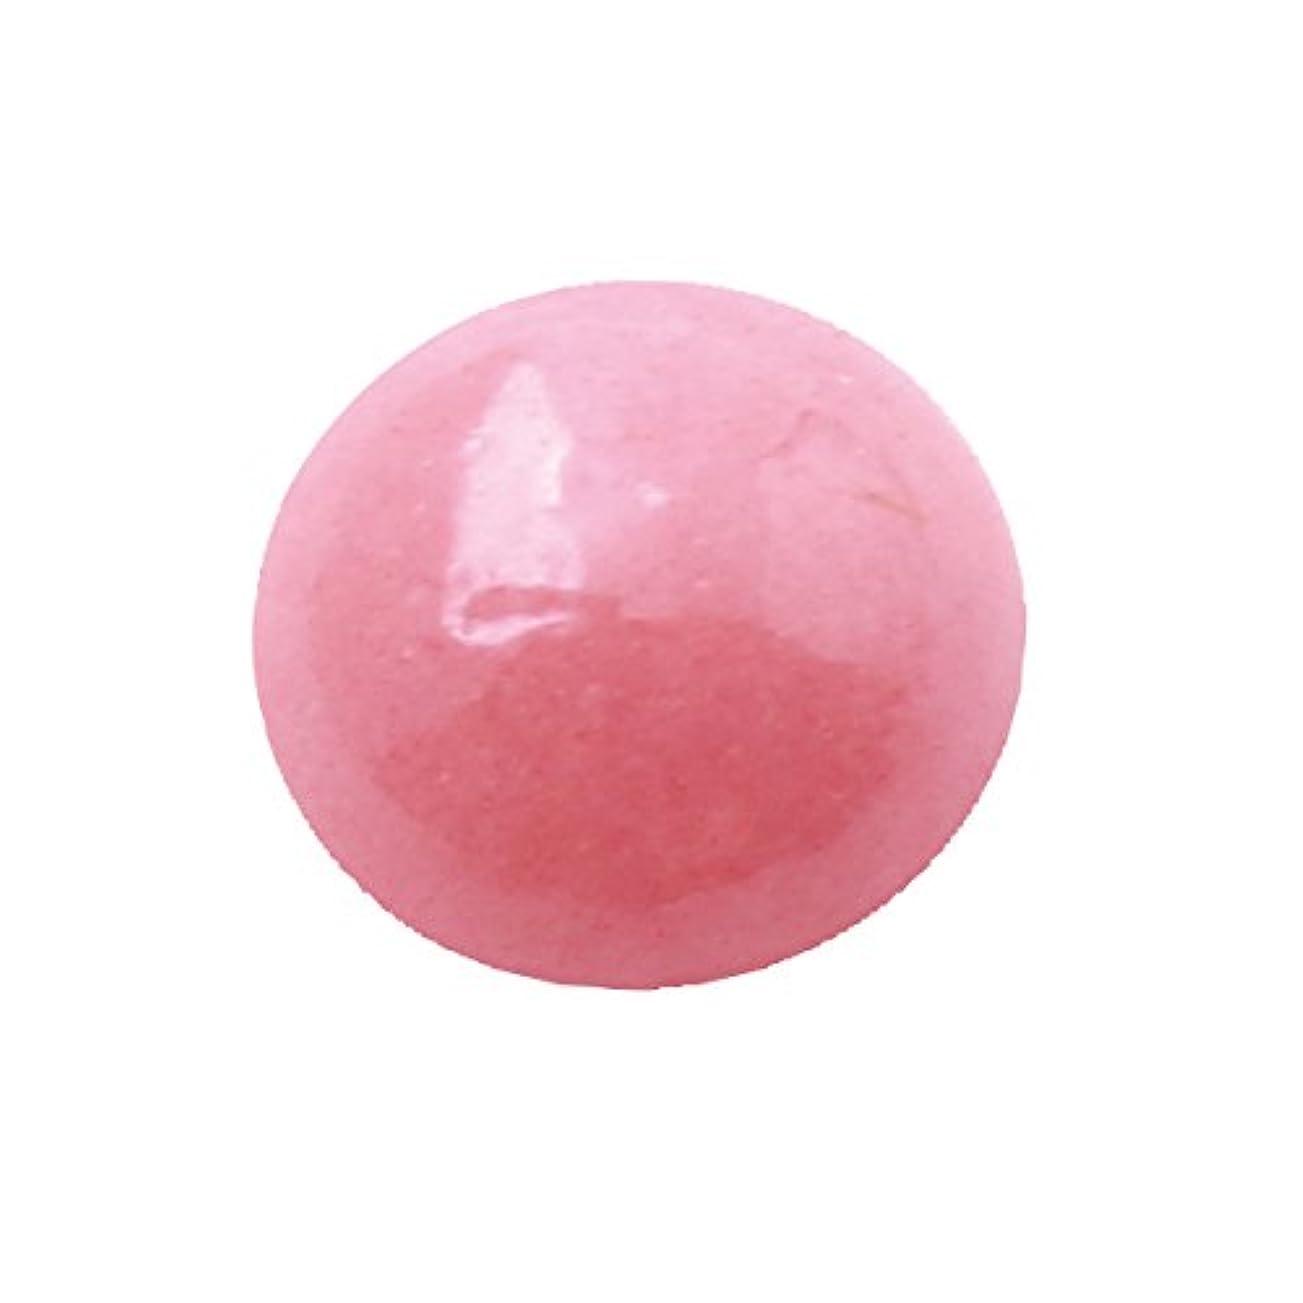 学士混乱した絶縁するグラスパールラウンド 2mm(各50個)(ストーン ネイルアート ネイル用品)ピンク